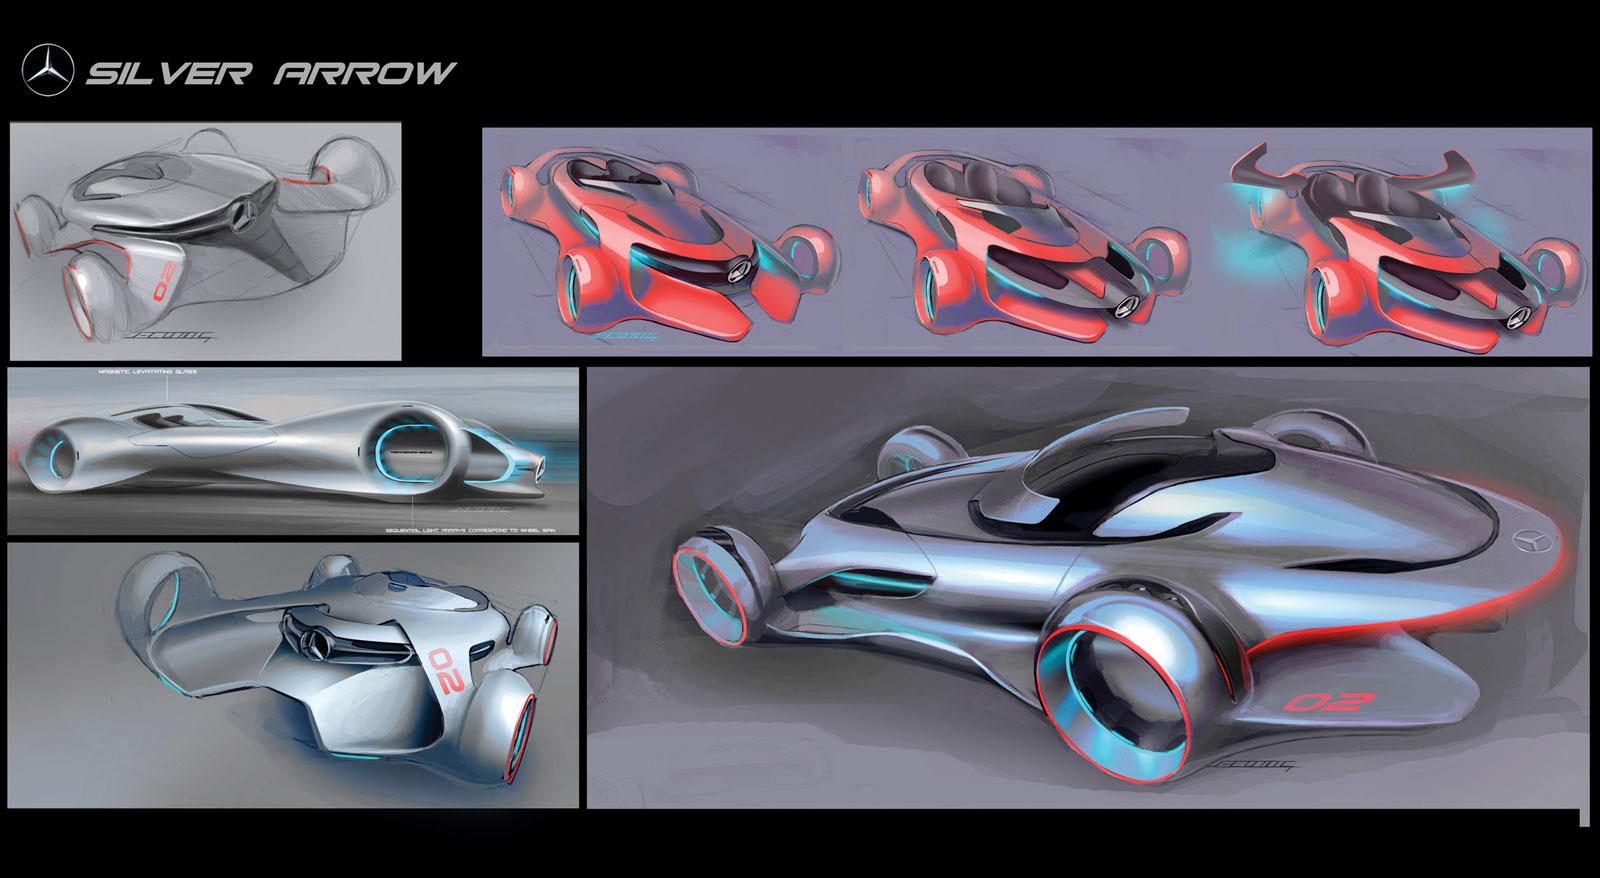 2011 Mercedes Benz Silver Arrow Concept Mercedes Benz